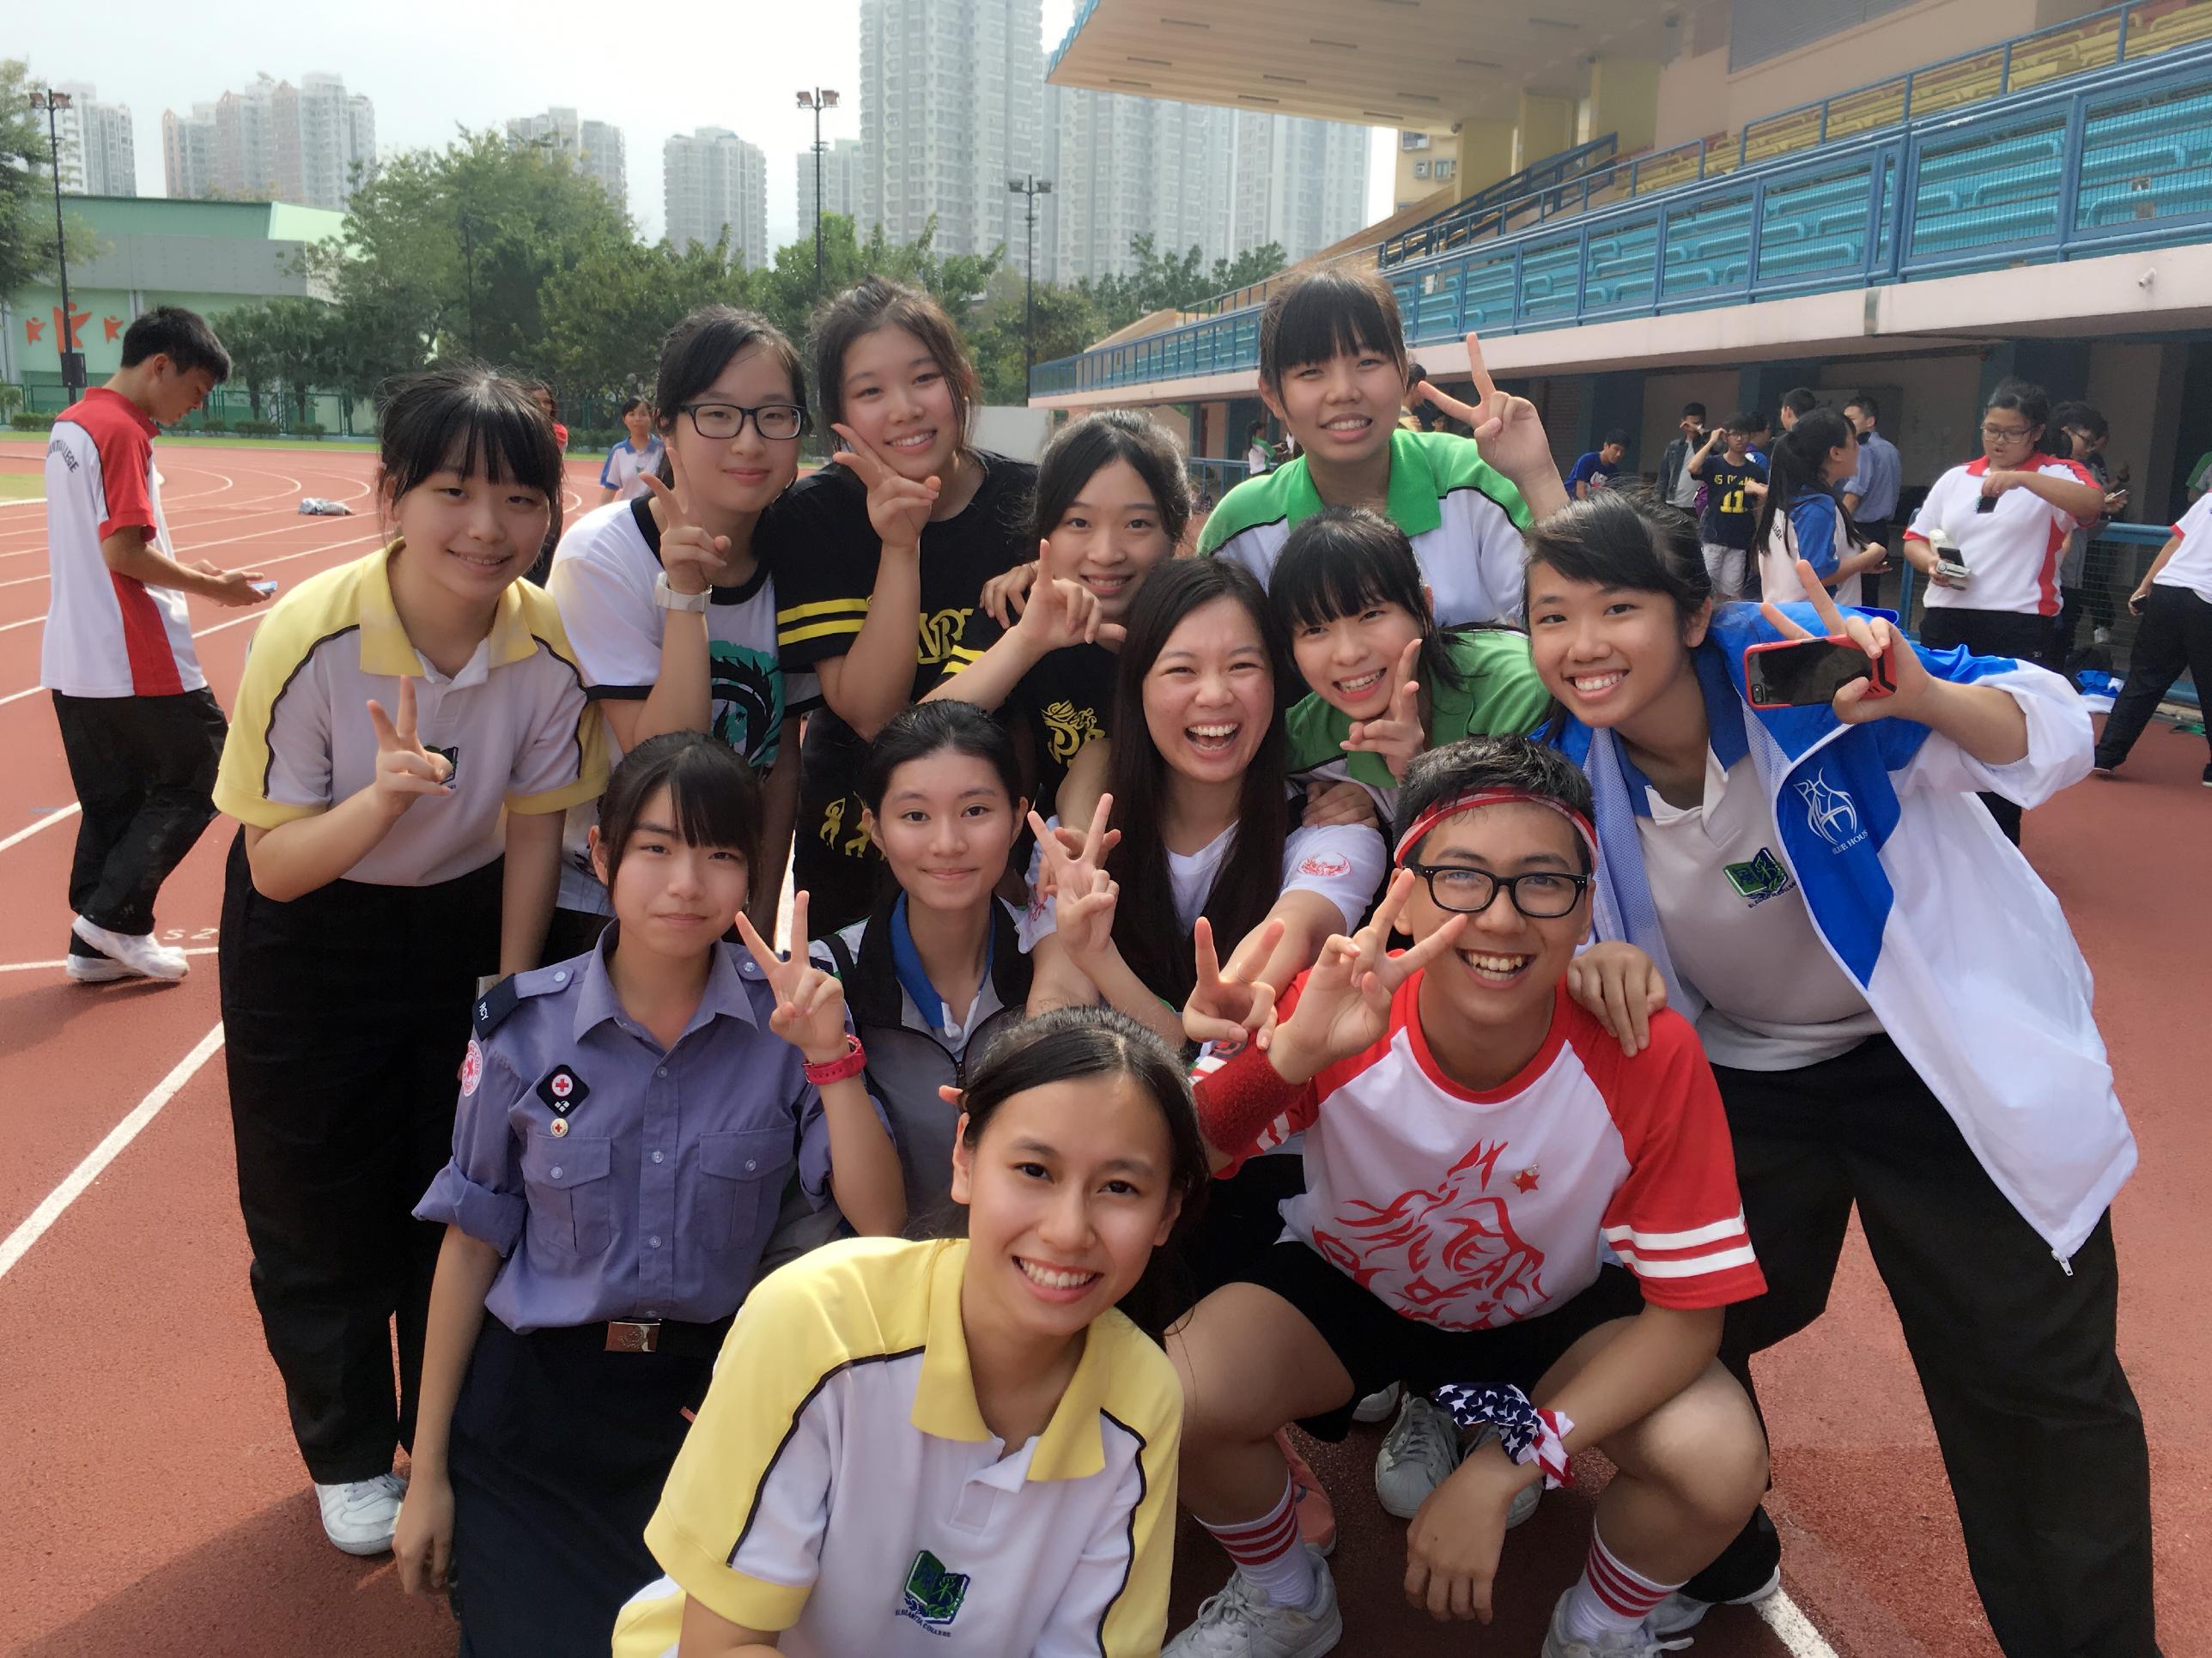 Hong Kong ligger 150 km fra Guangzhou, sydøst forbi Shenzhen og denne.